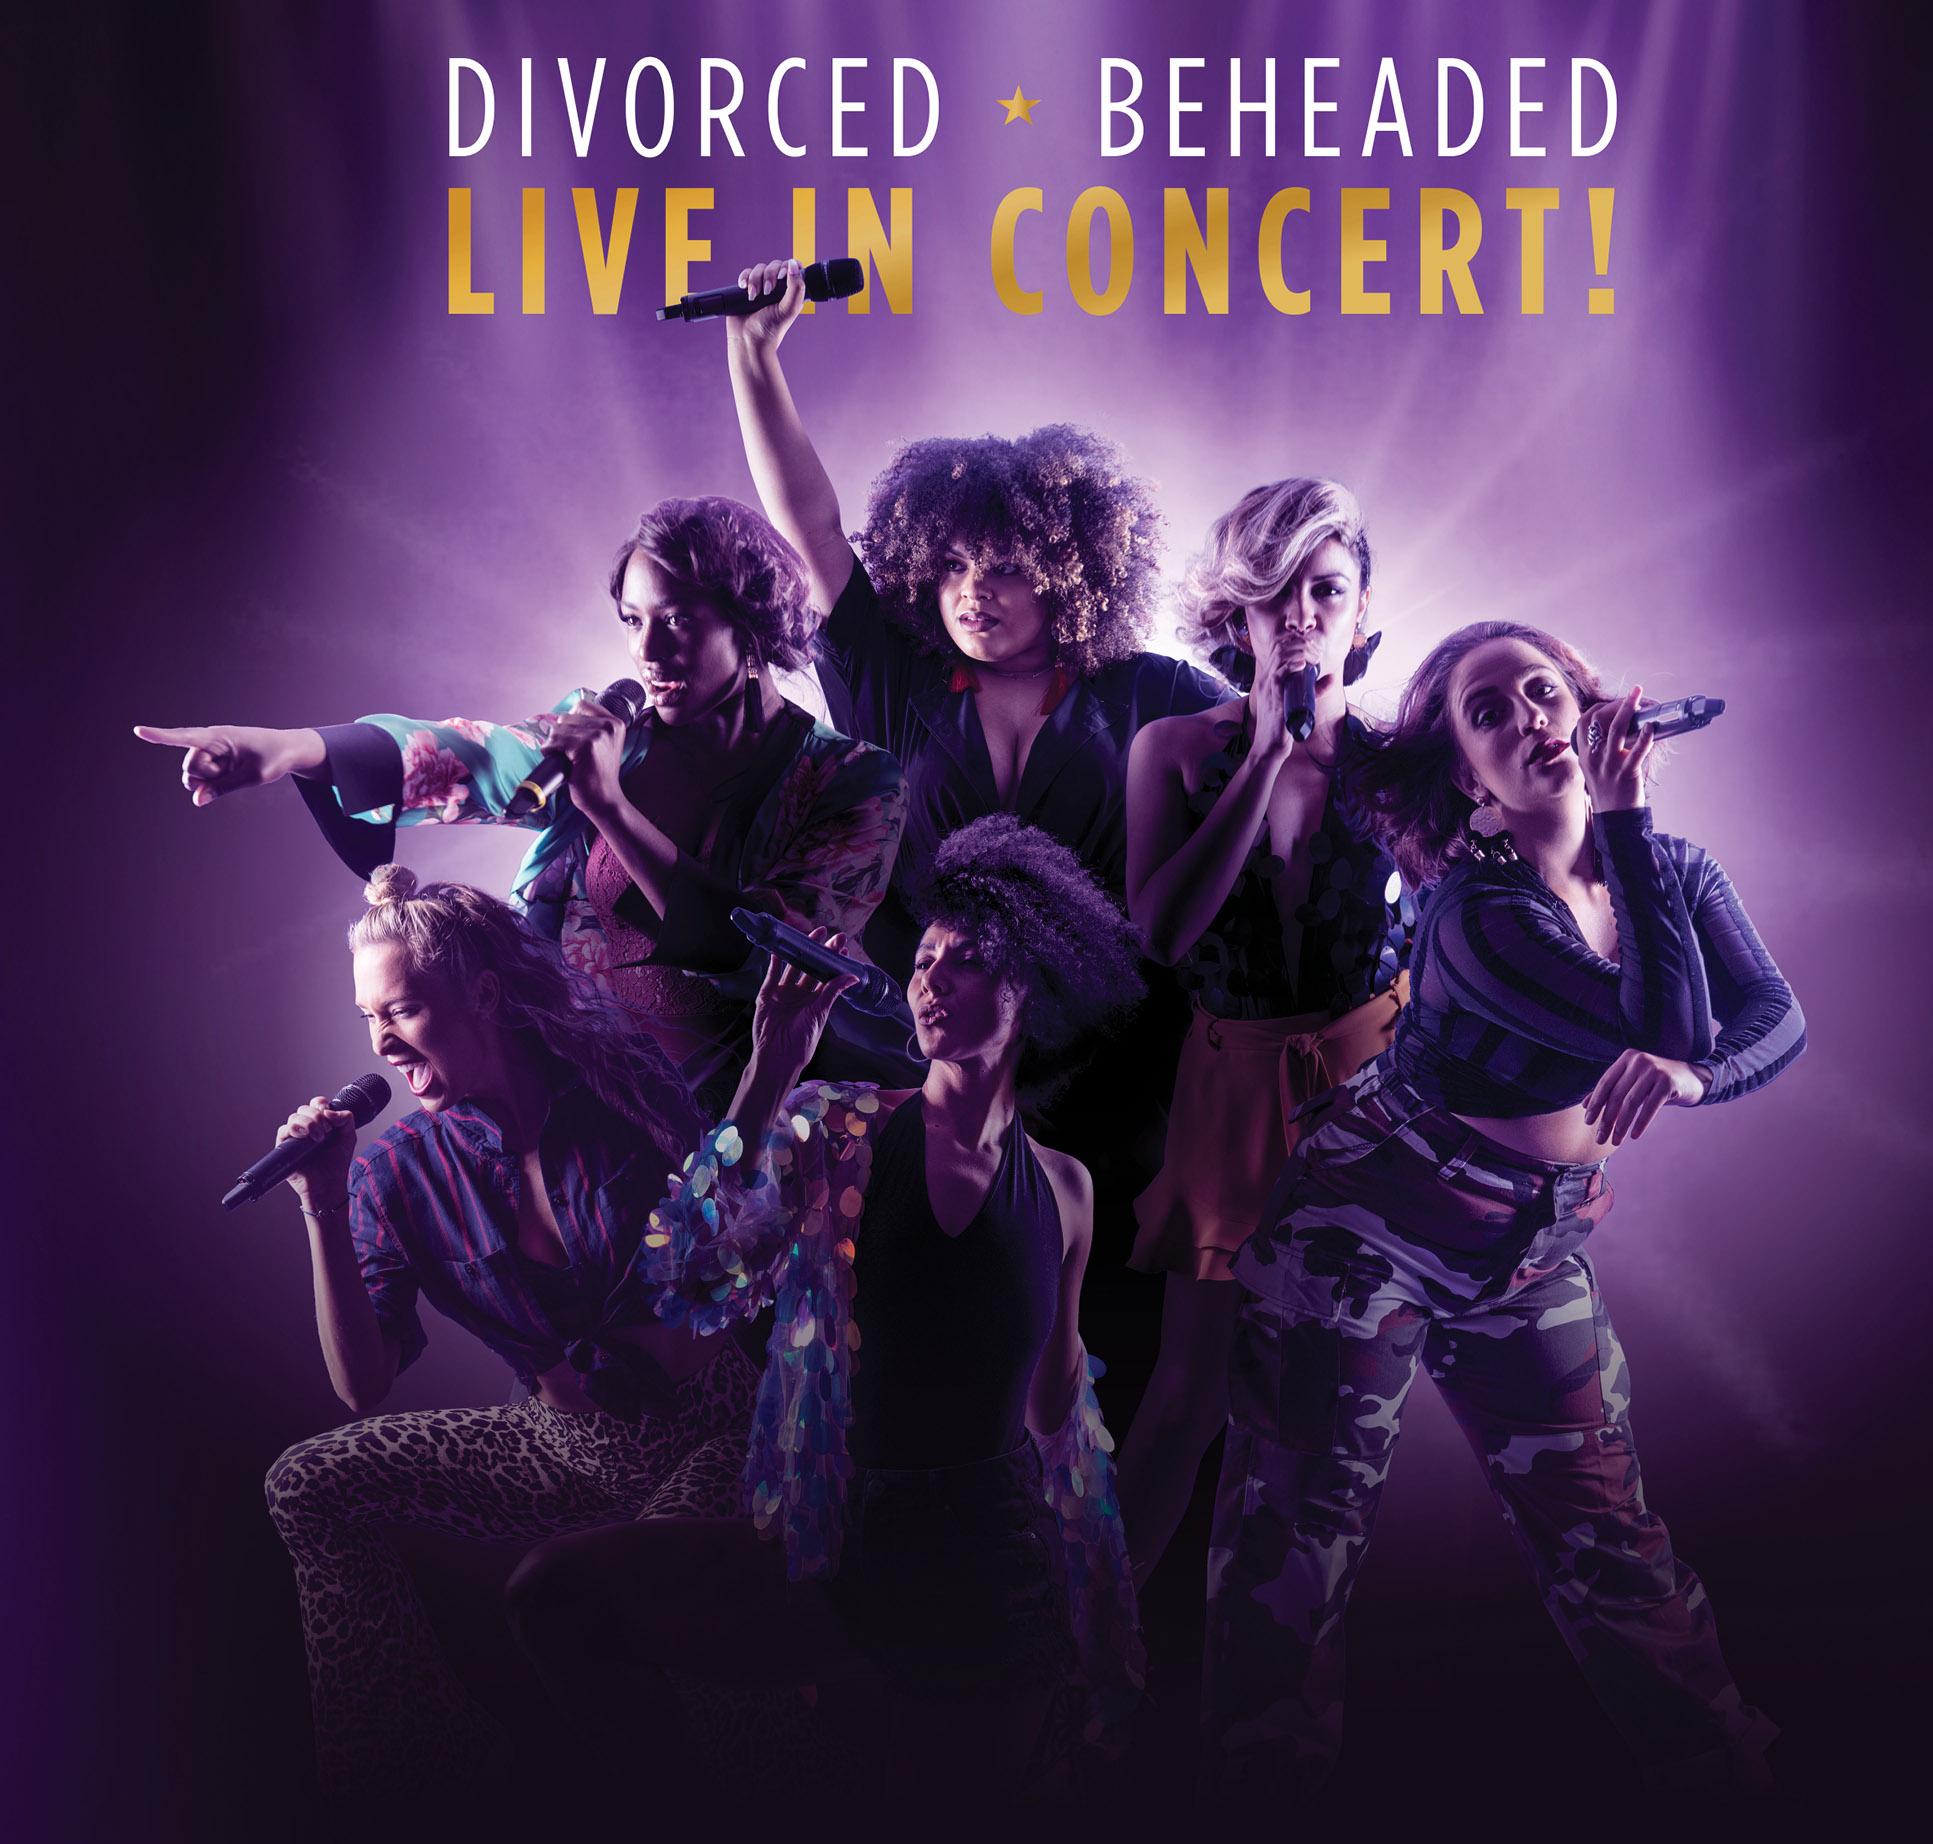 divorced-beheaded-revived-six-returns-for-extended-concert-run-after-edinburgh-fringe